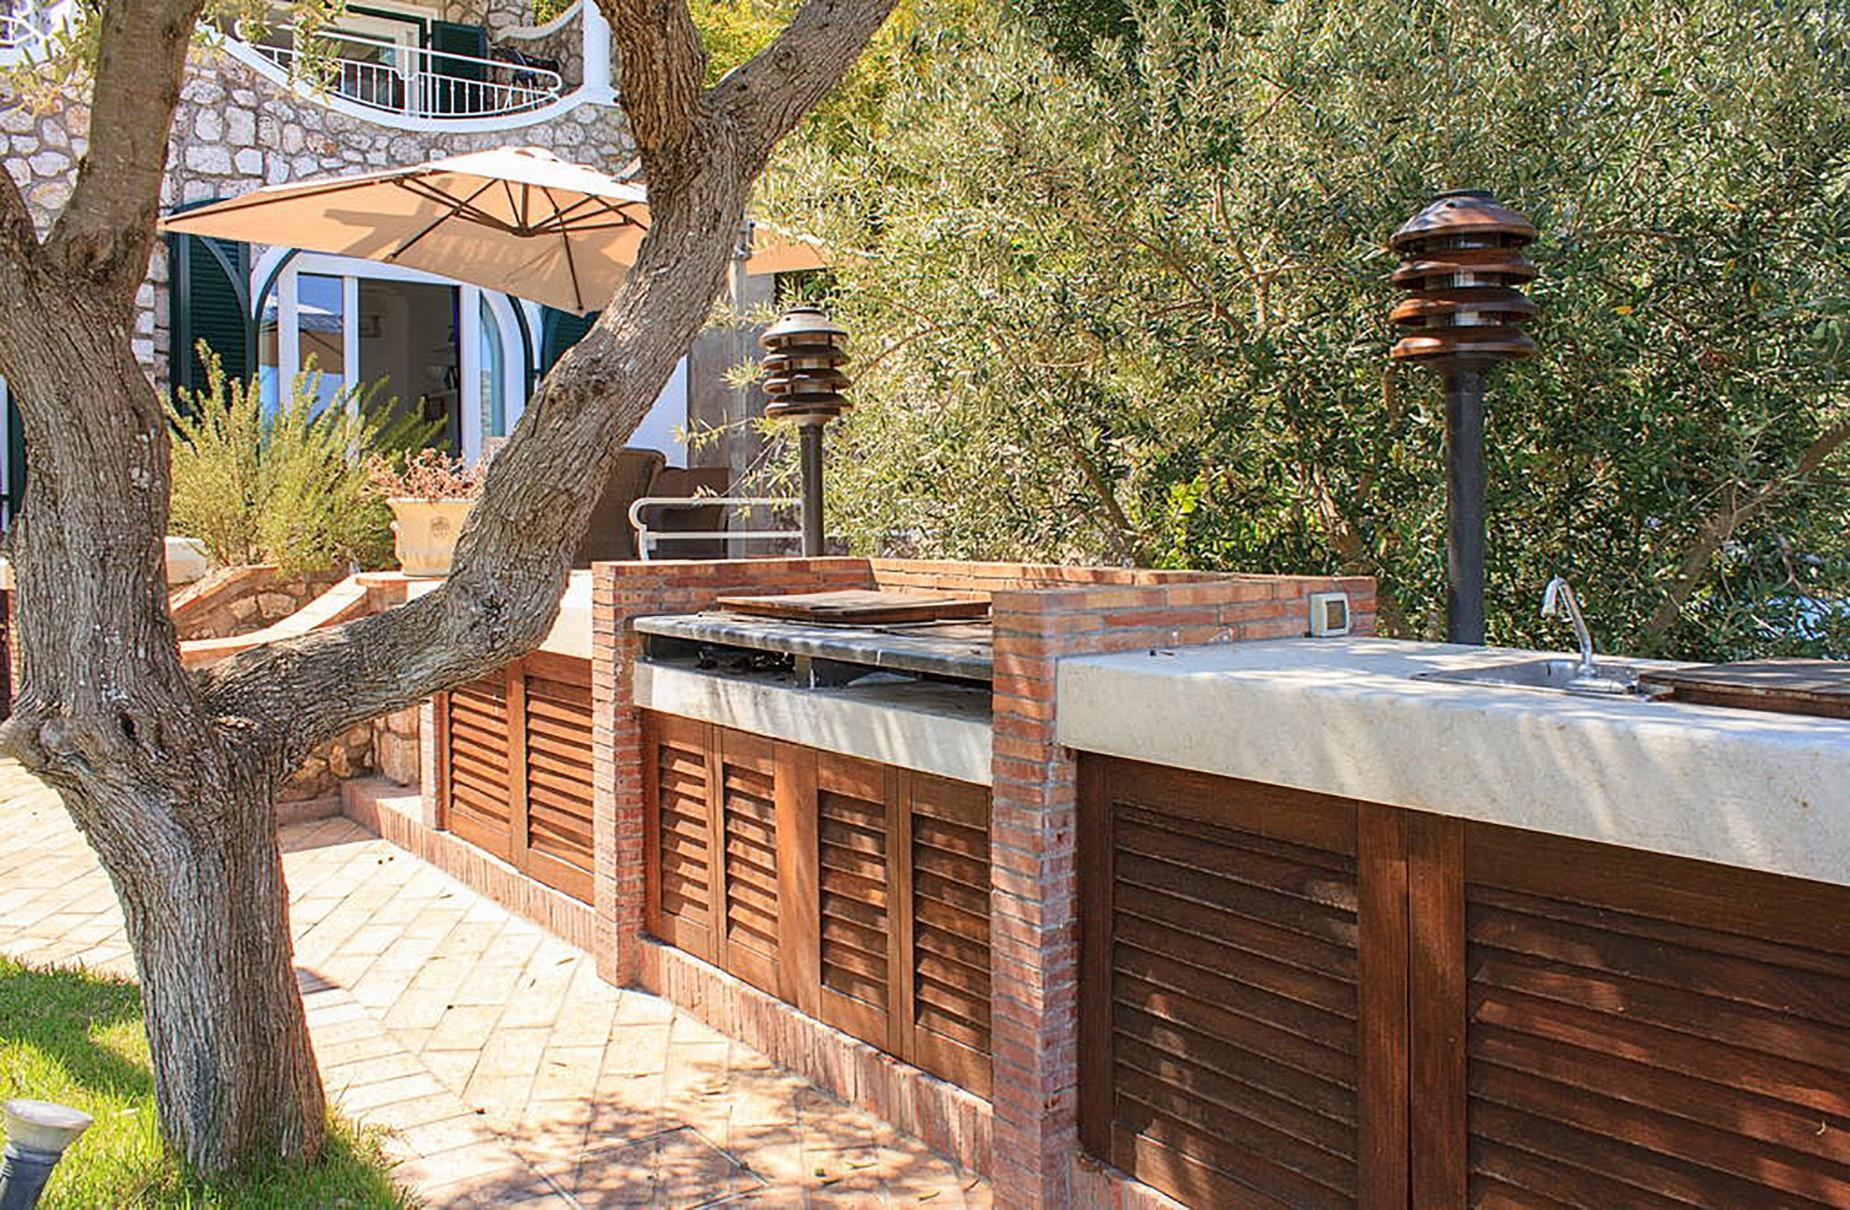 Очаровательная вилла с панорамным бассейном в центре легендарного острова Капри, Италия - 7